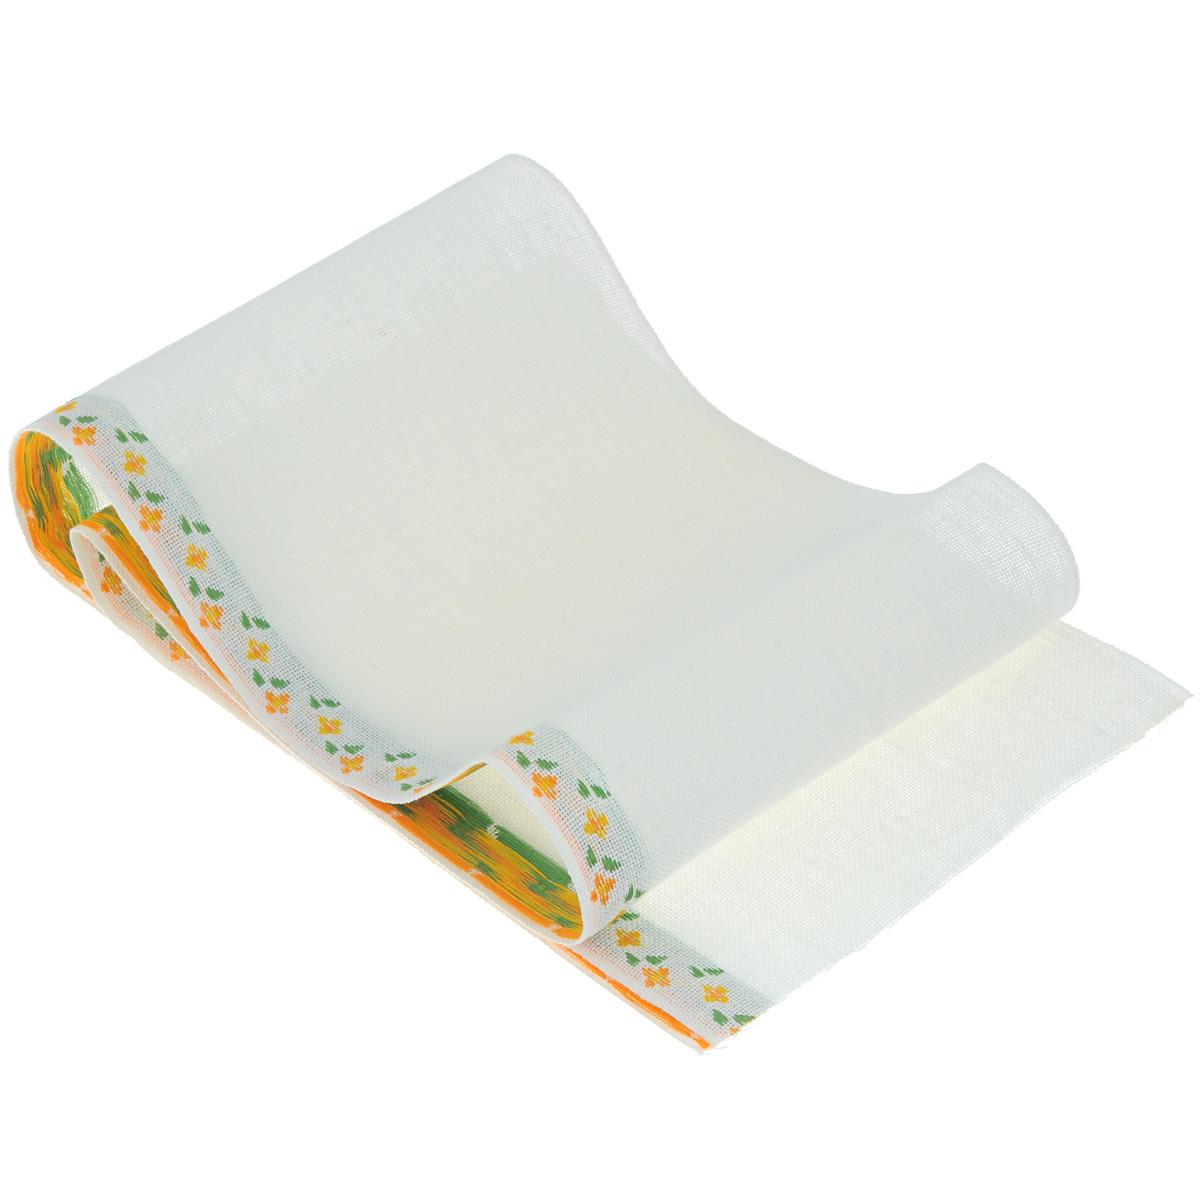 Основа для вышивания крестом или гладью Vaupel & Heilenbeck, с рисунокм, цвет: белый, оранжевый, зеленый, 17,5 х 100 см2070-175-3Основа для вышивания крестом или гладью Vaupel & Heilenbeck представляет собой 11-ти ниточную дорожку, выполненную из 100% льна. По краю дорожка декорирована вышитыми мелкими цветочками. Воплотите свои идеи на этой основе для вышивания! Дорожка, украшенная своими руками, дополнит интерьер любого помещения, а также сможет стать изысканным подарком для ваших друзей и близких.